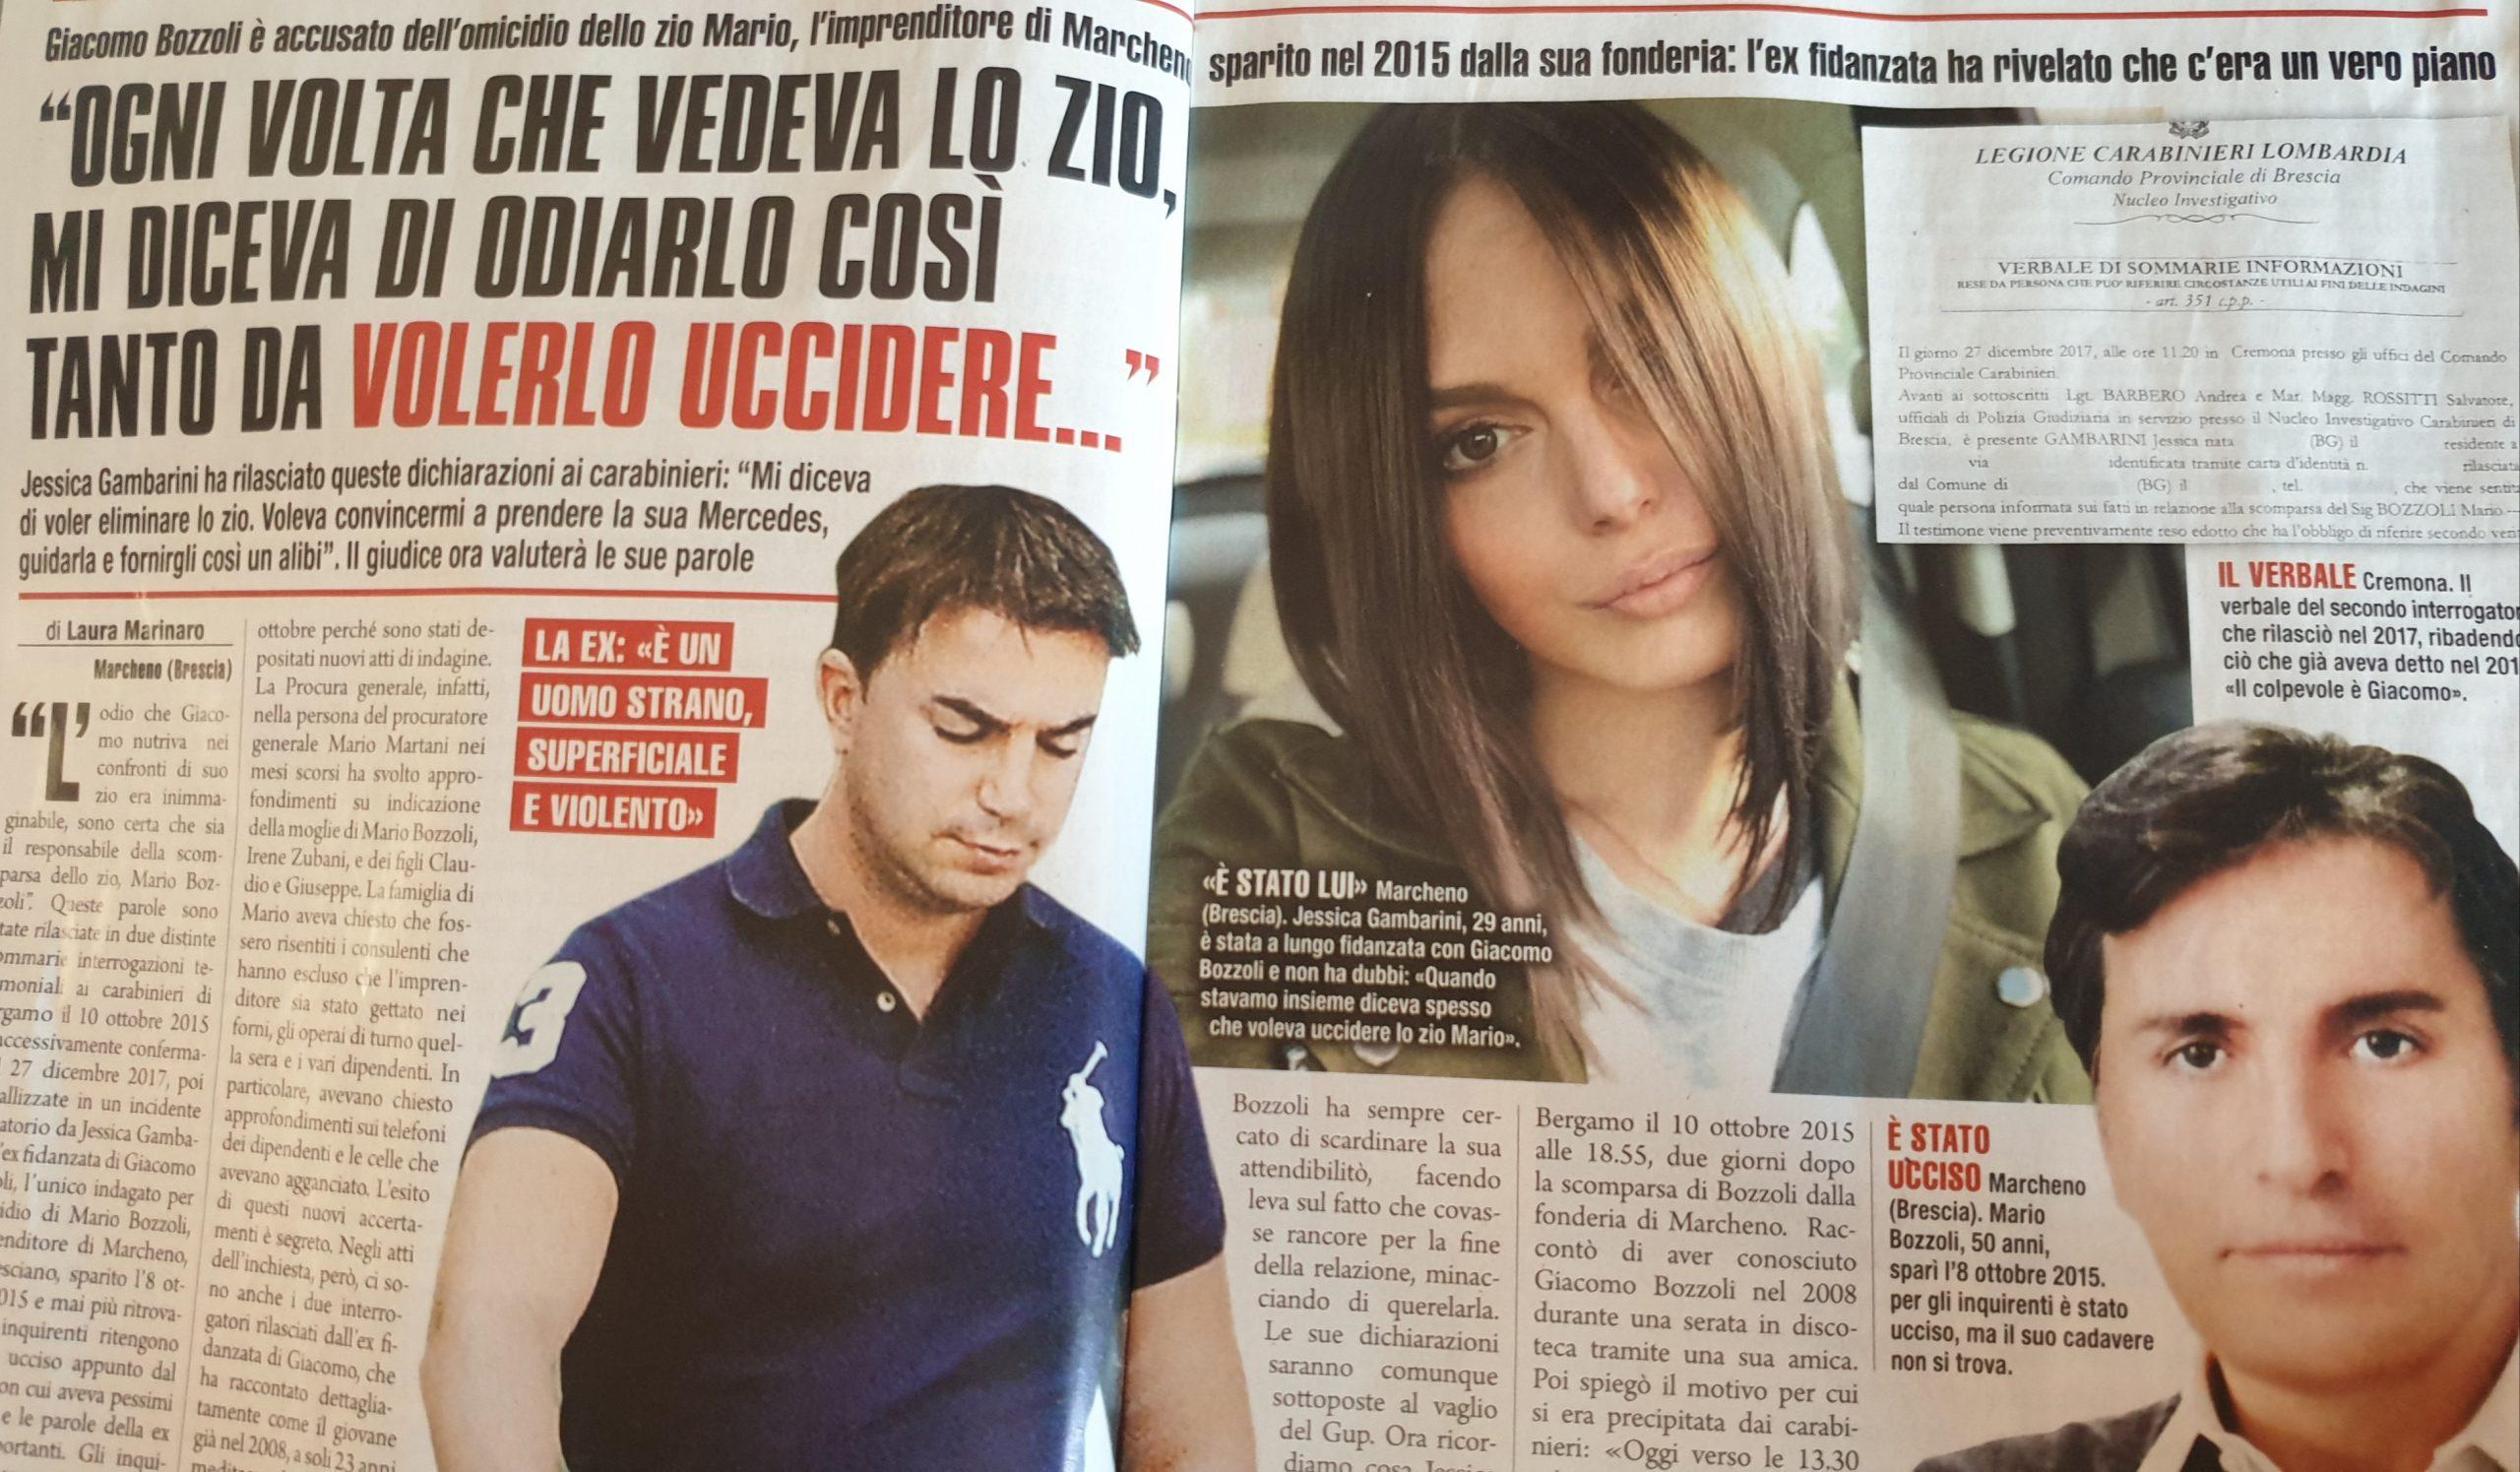 Mario Bozzoli, il nipote Giacomo accusato dalla ex: le parol